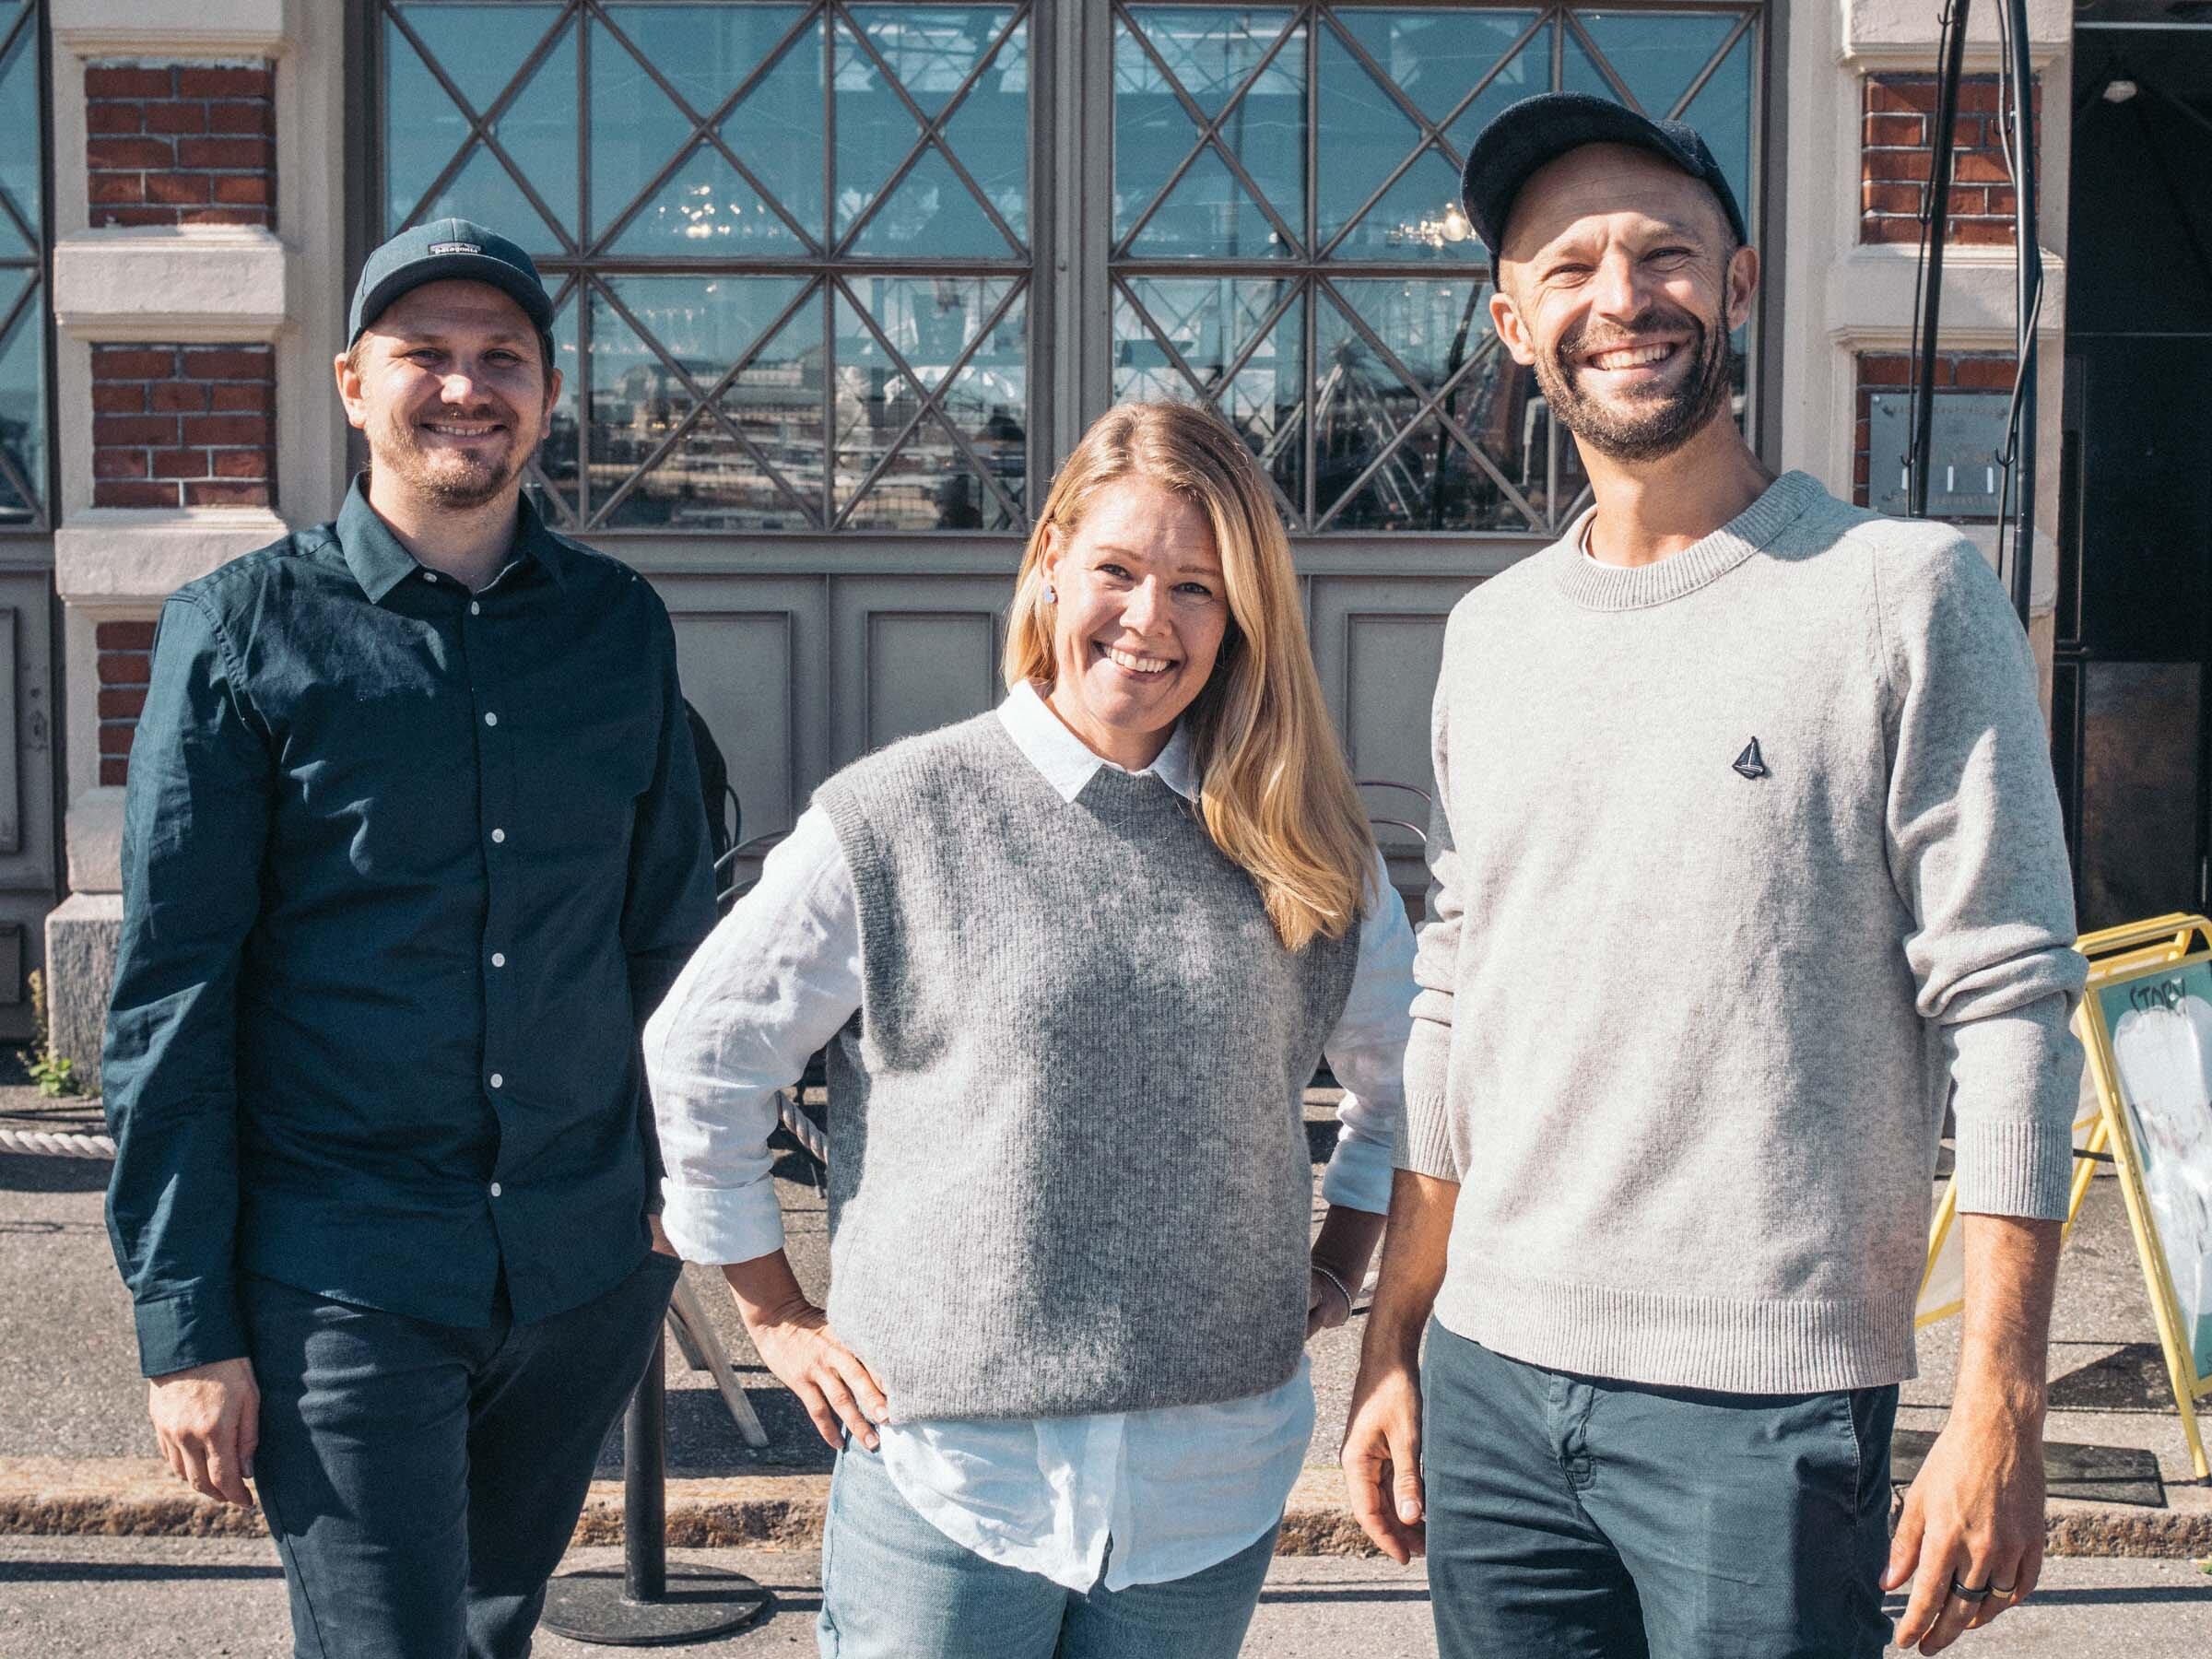 Yrittäjät Markus Hurskainen ja Anders Westerholm iloitsevat saadessaan lähteä luomaan Storyn tulevaisuutta yhdessä Hanna Riihimäen kanssa.